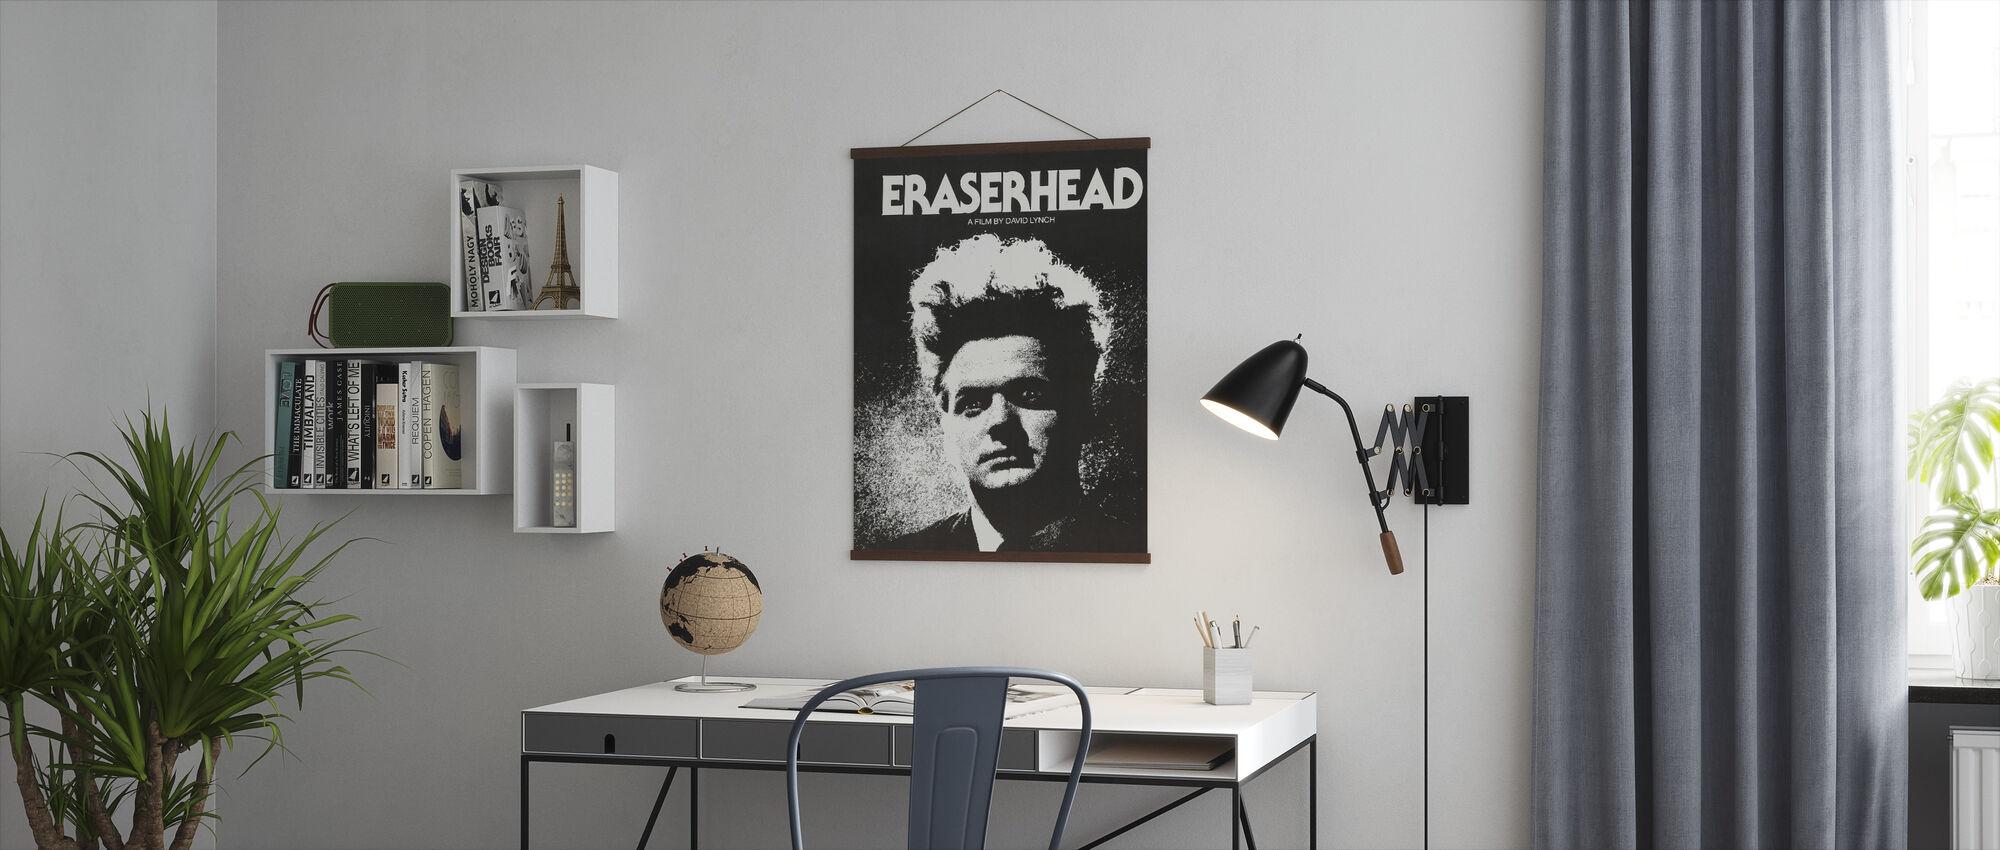 Eraserhead - Juliste - Toimisto